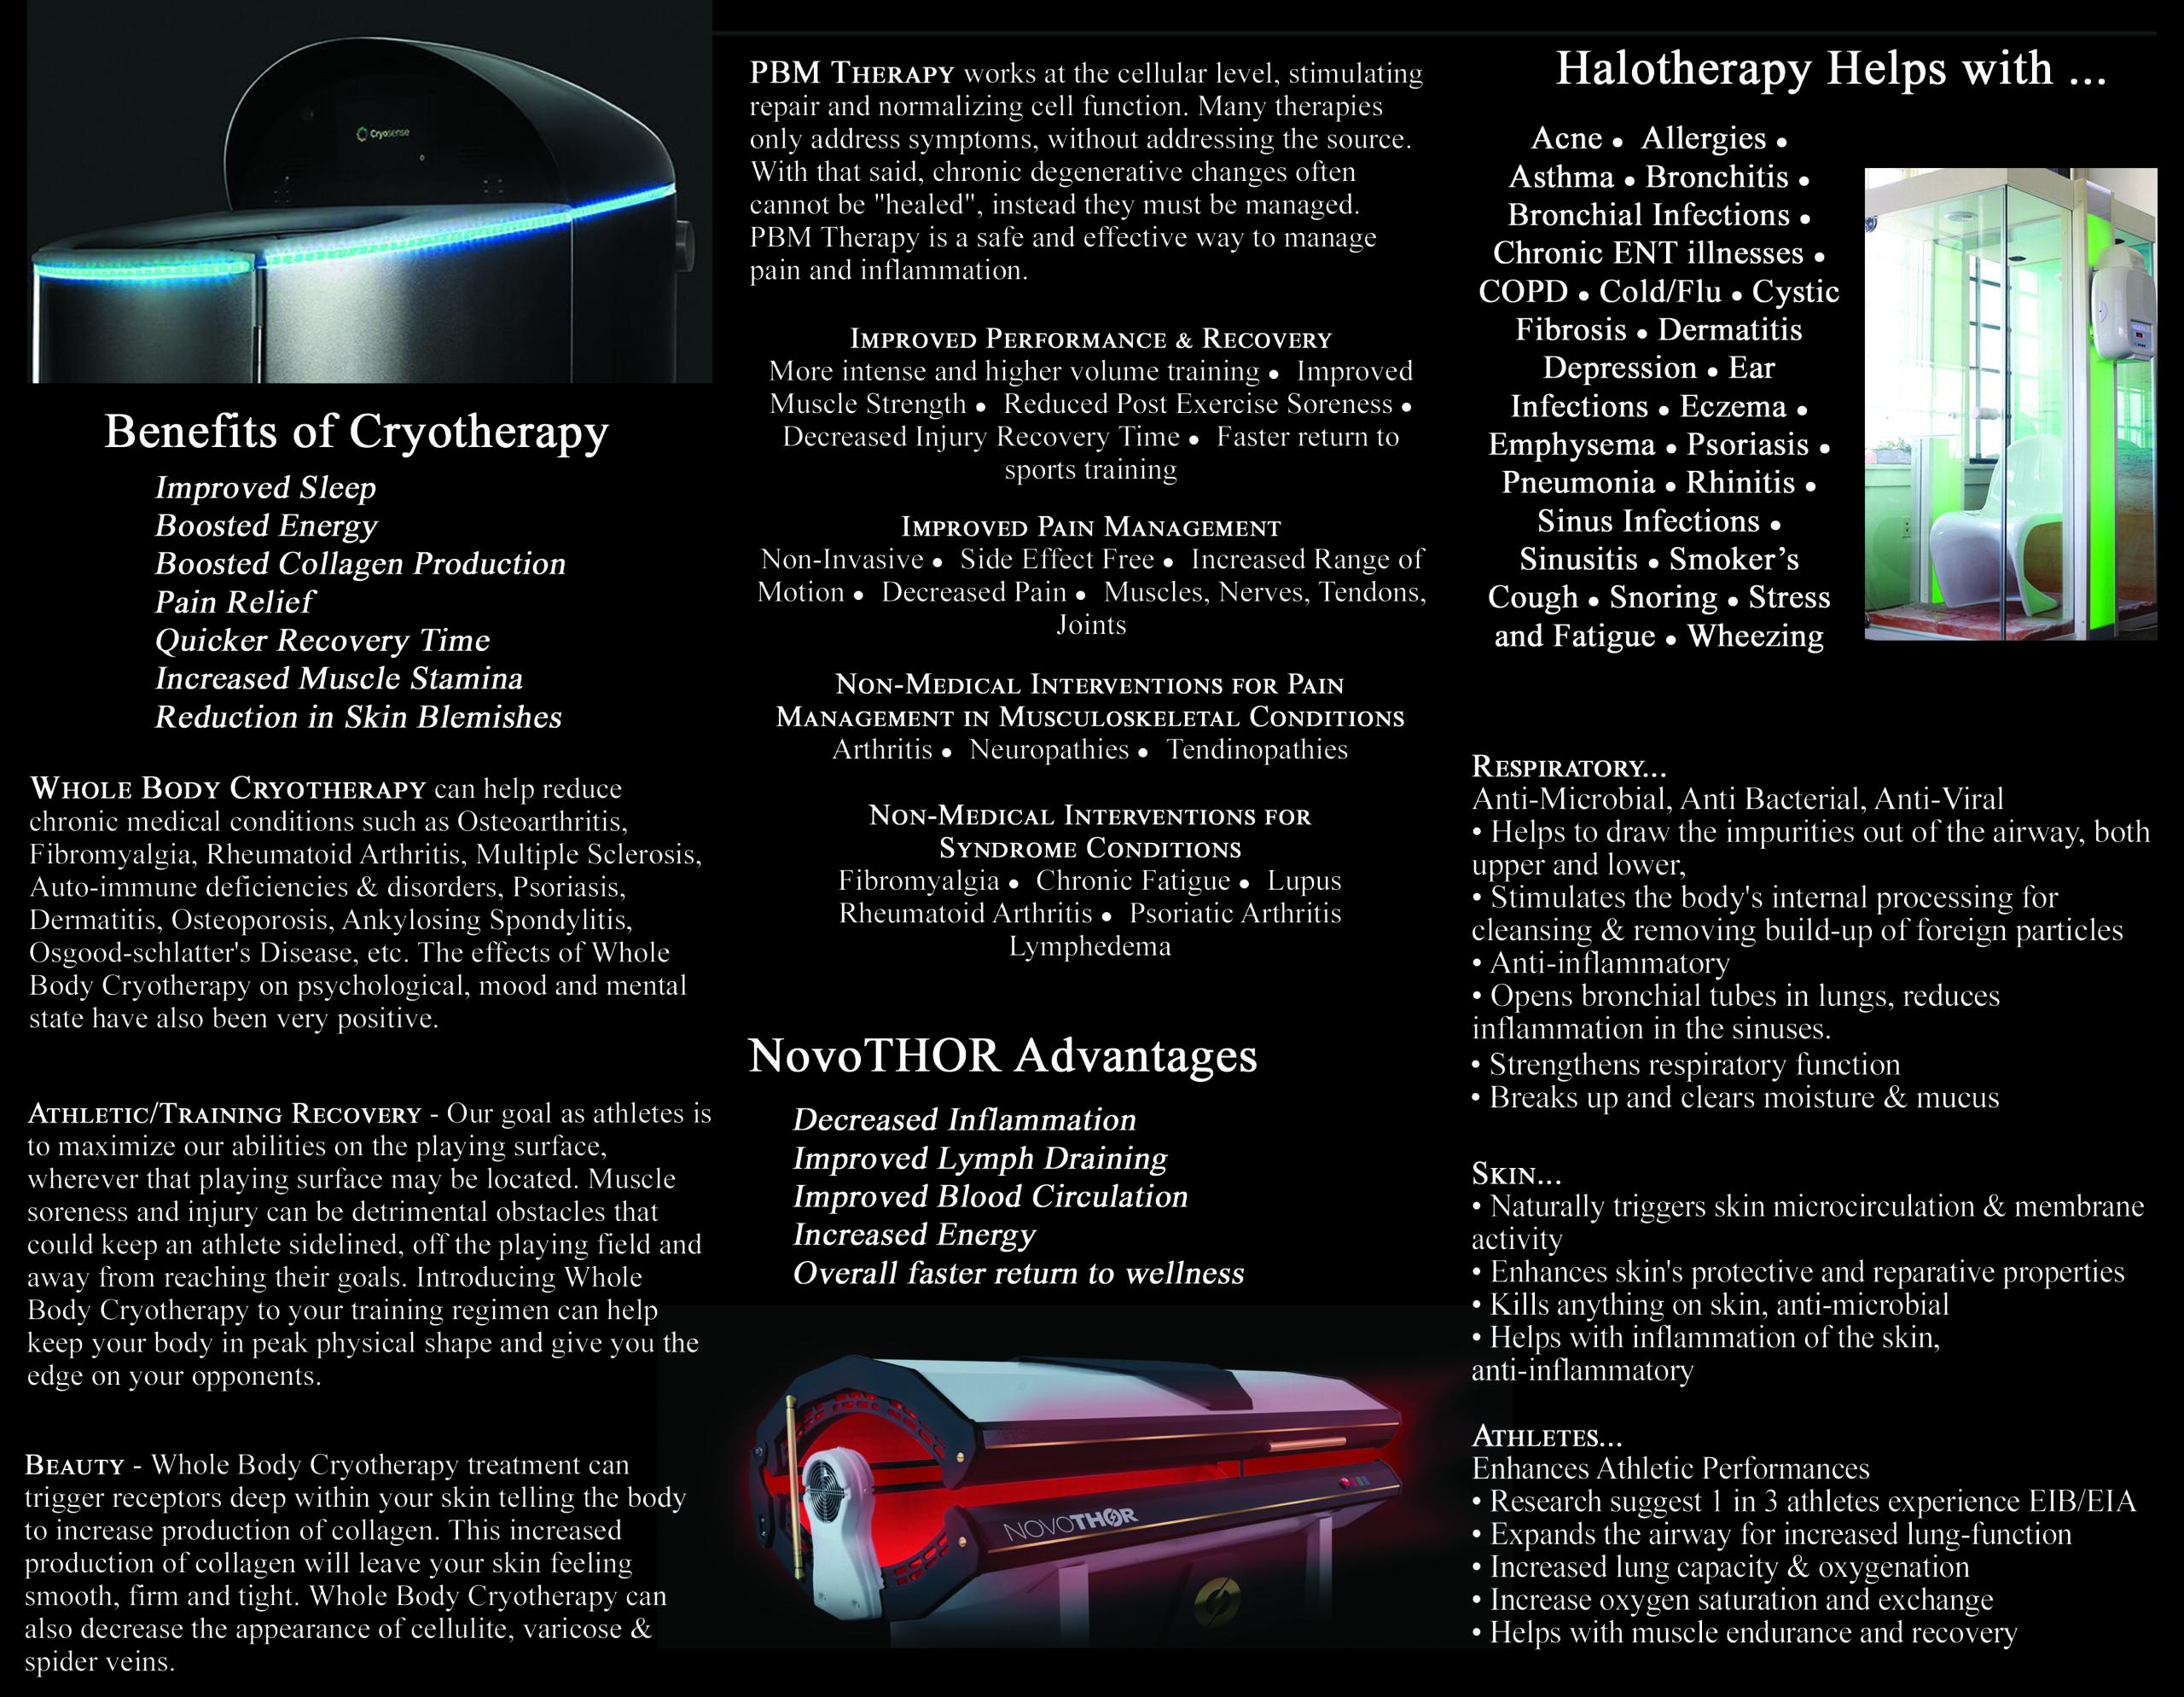 black background brochure sept 18 edited